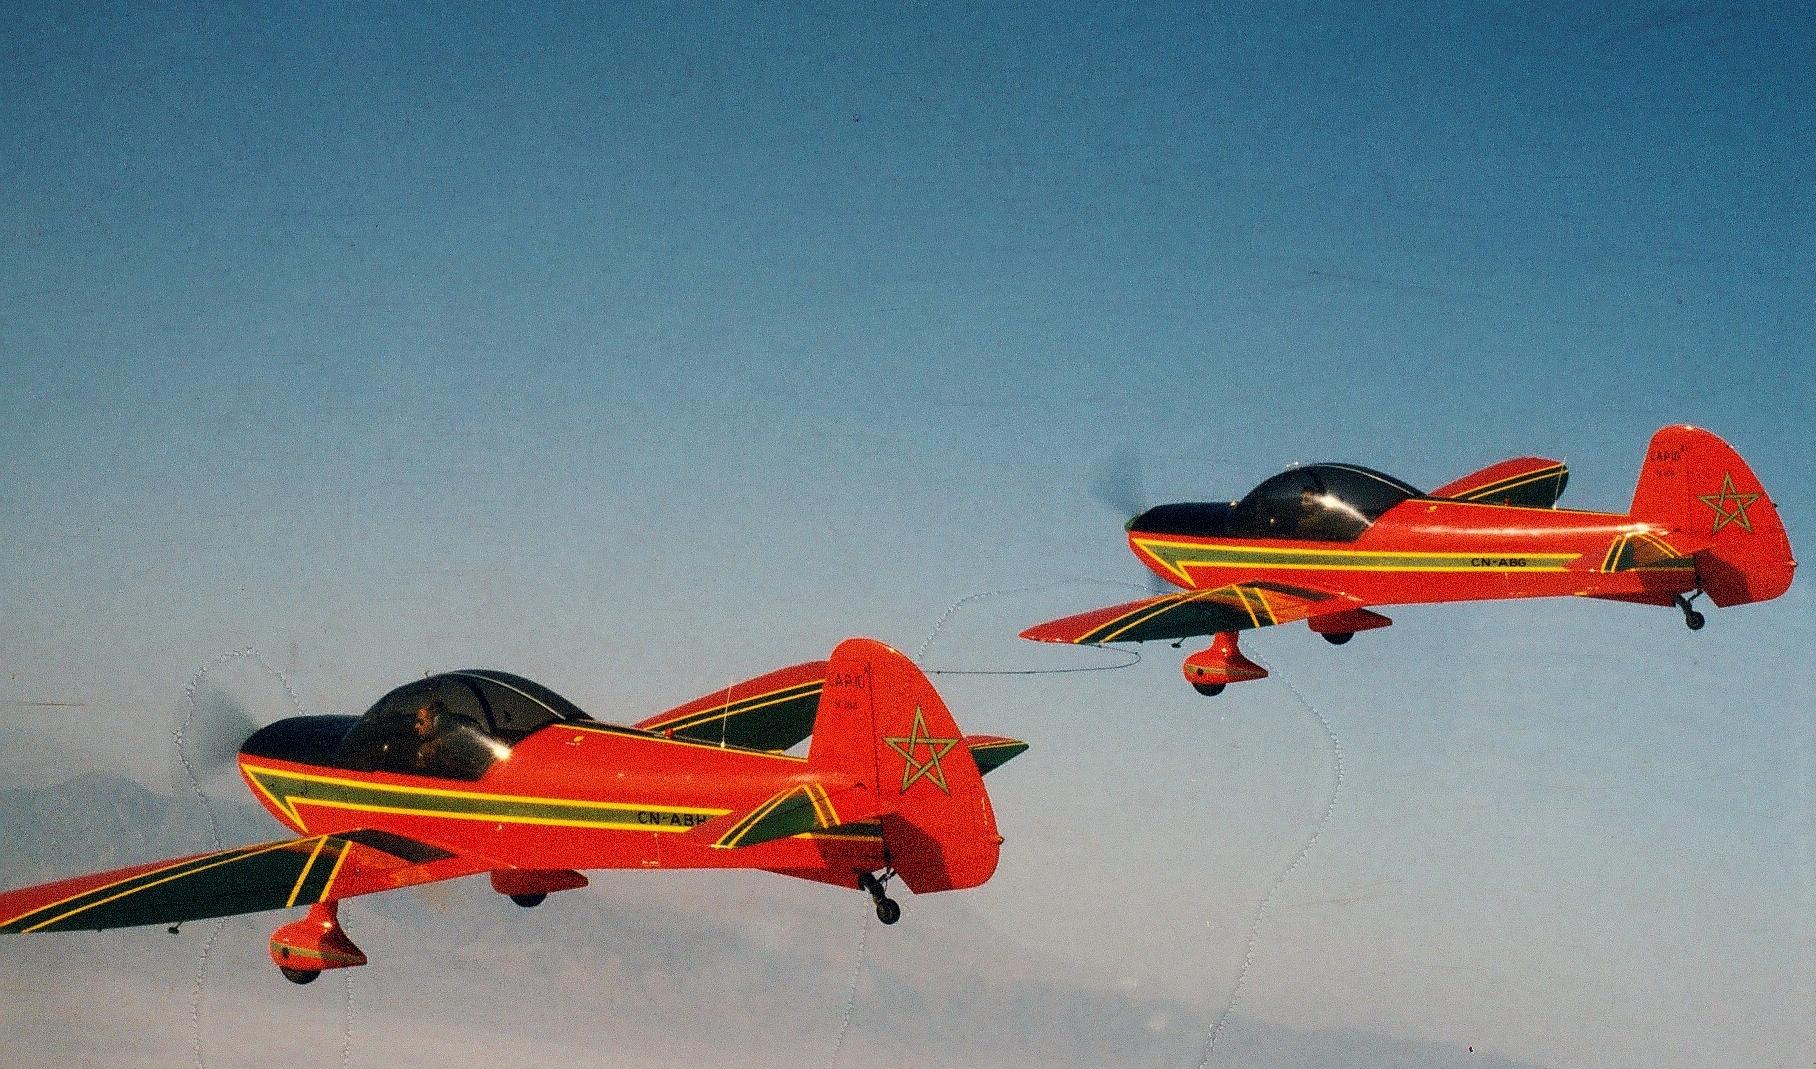 la patrouille acrobatique : la marche verte - Page 8 151005043036314686